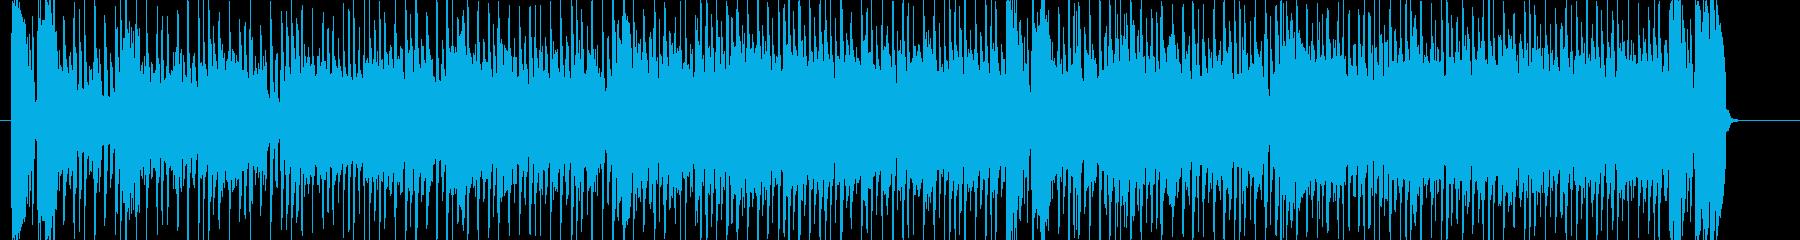 淡々とした雰囲気のファンクロックの再生済みの波形